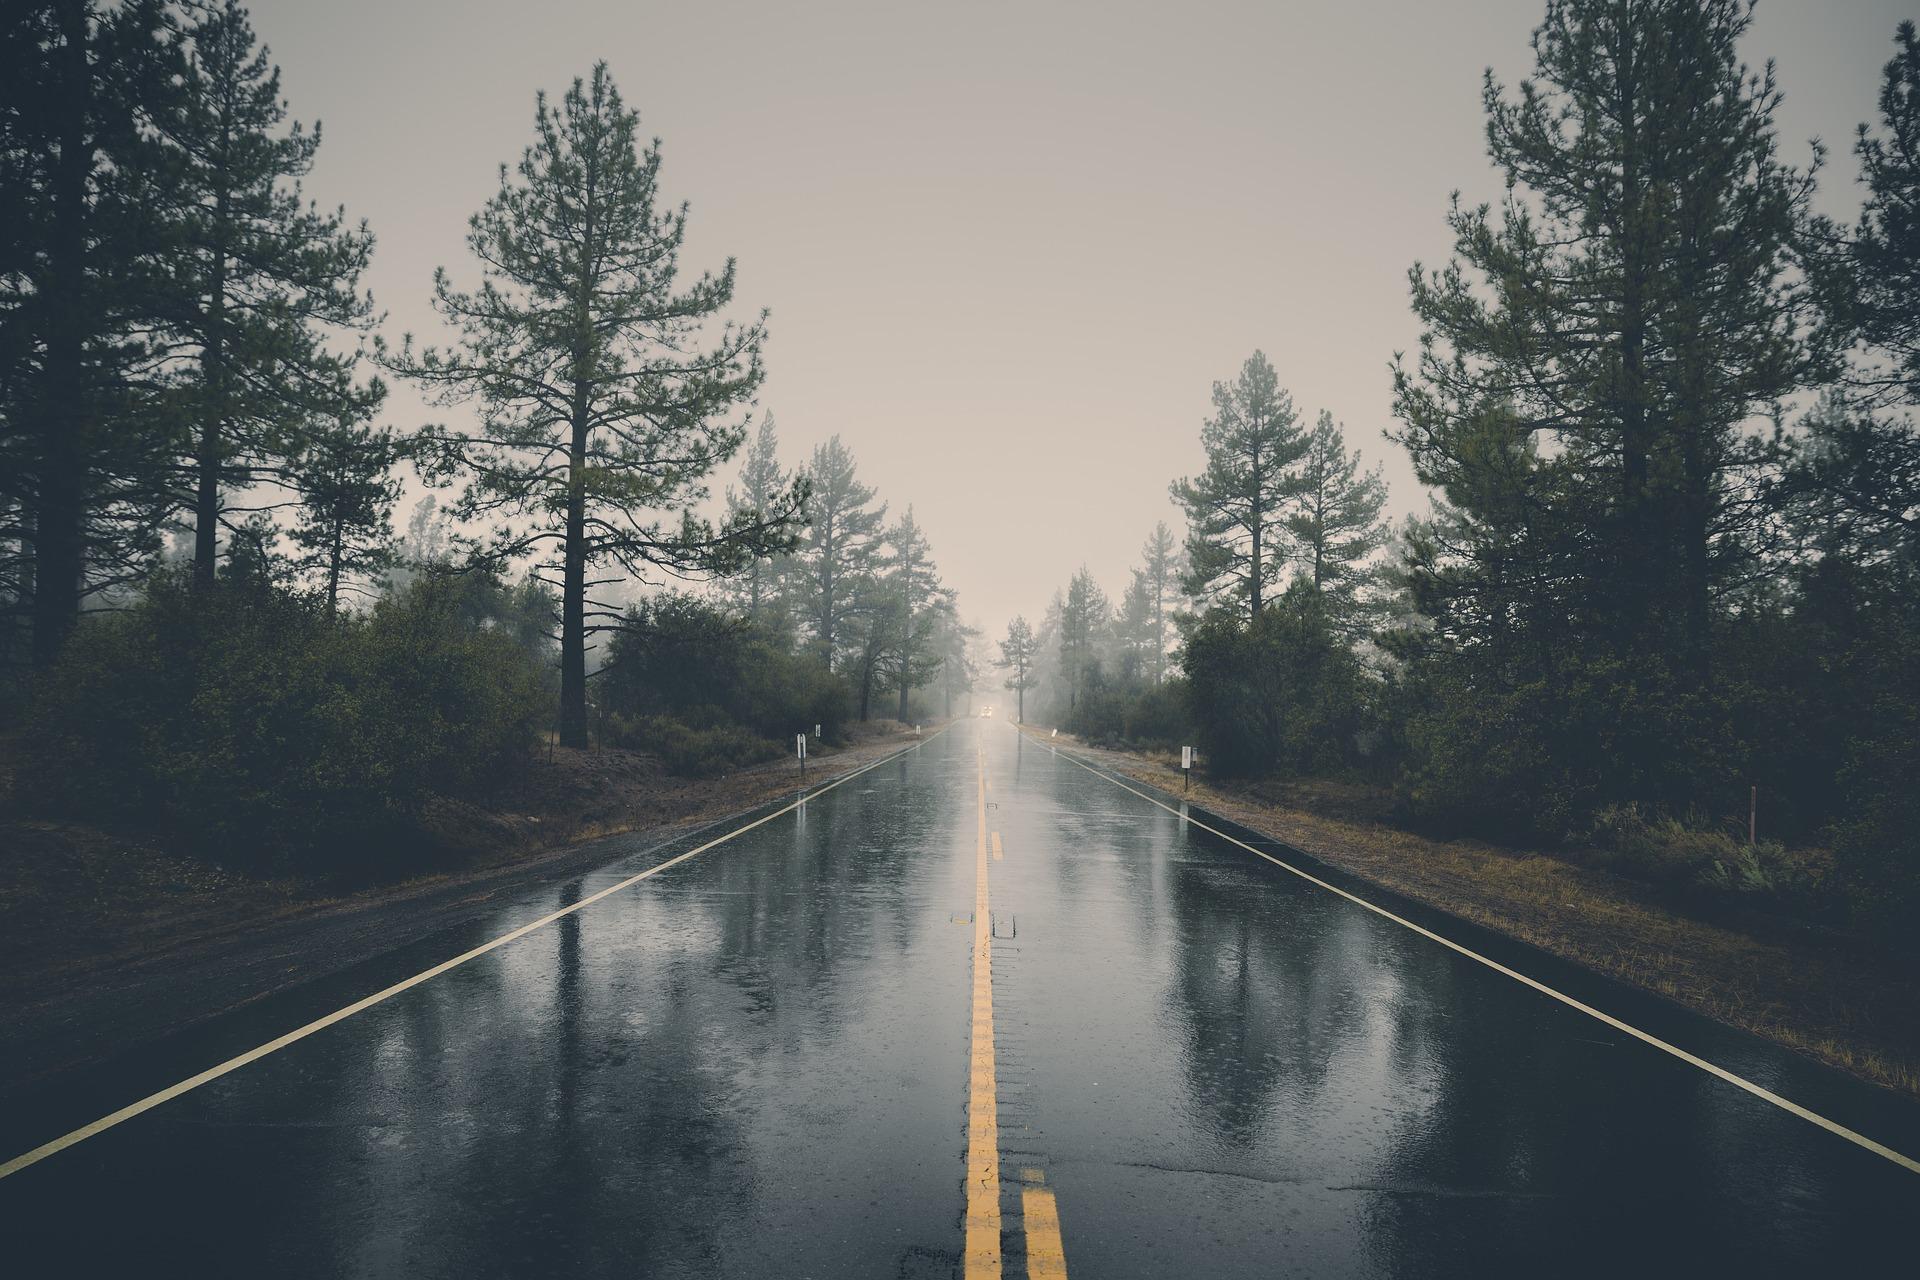 雨の日にバイクを運転する時の4つの注意点について